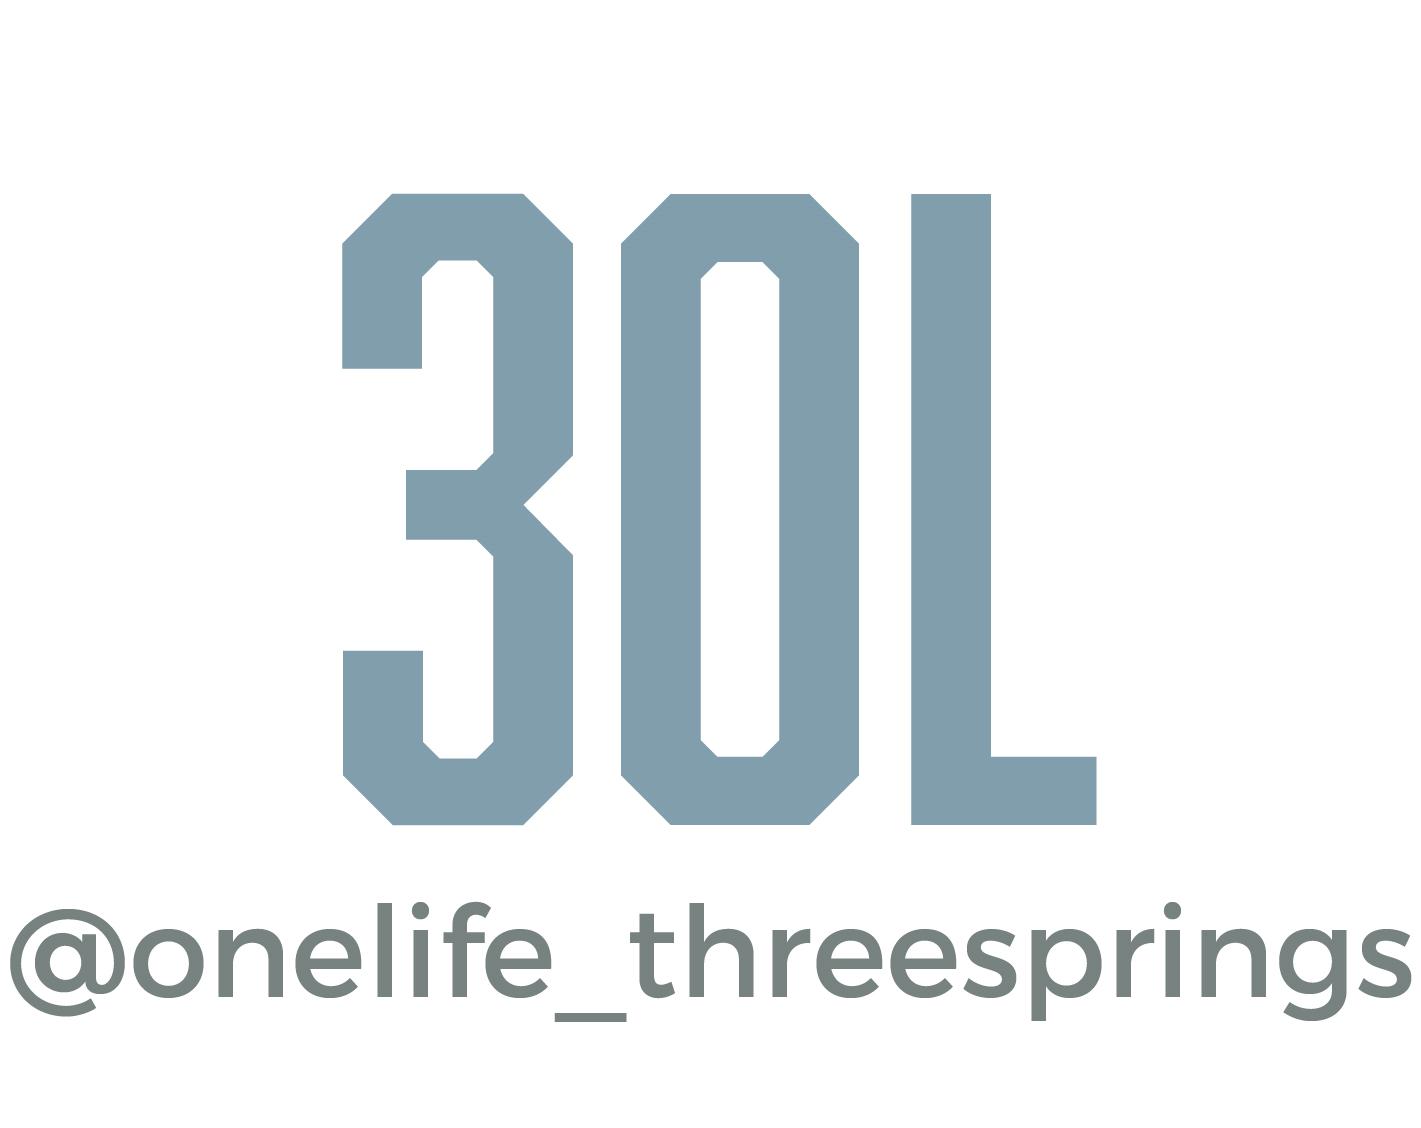 OneLife-website-ideas-08.jpg